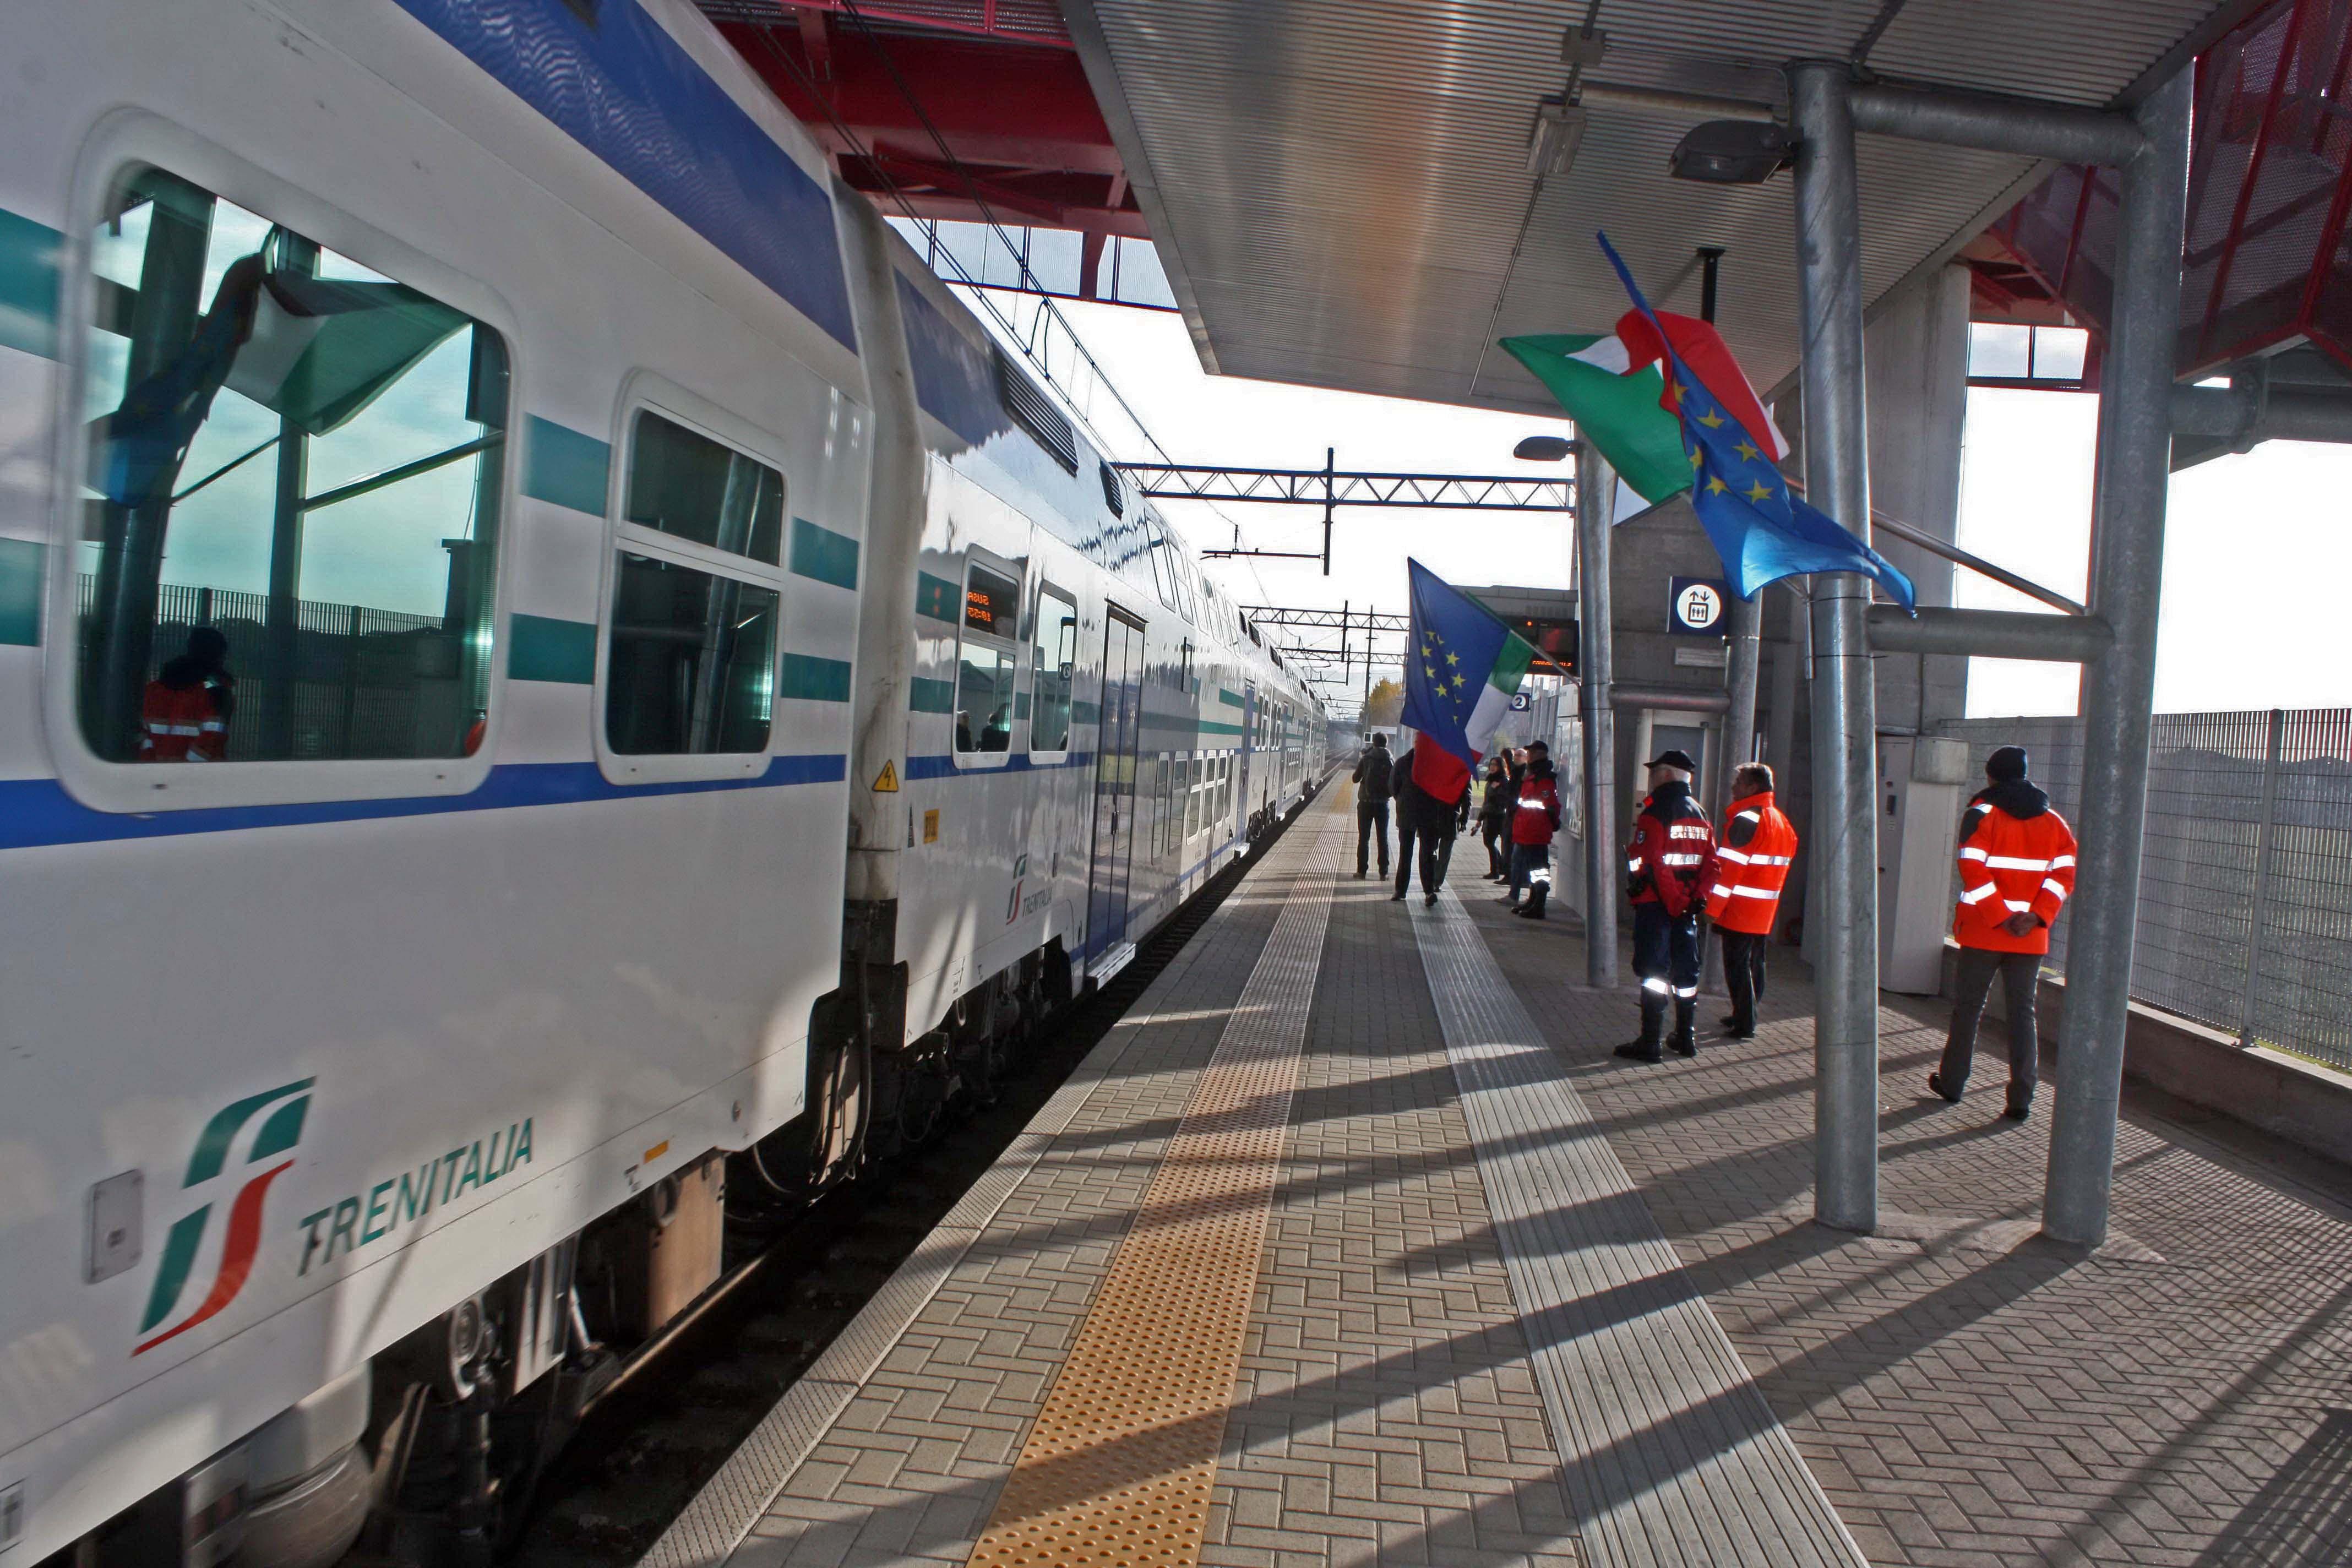 Alla fermata di Grugliasco c'è un treno ogni mezz'ora. Il centro di Torino raggiungibile in 10 minuti con il bus.